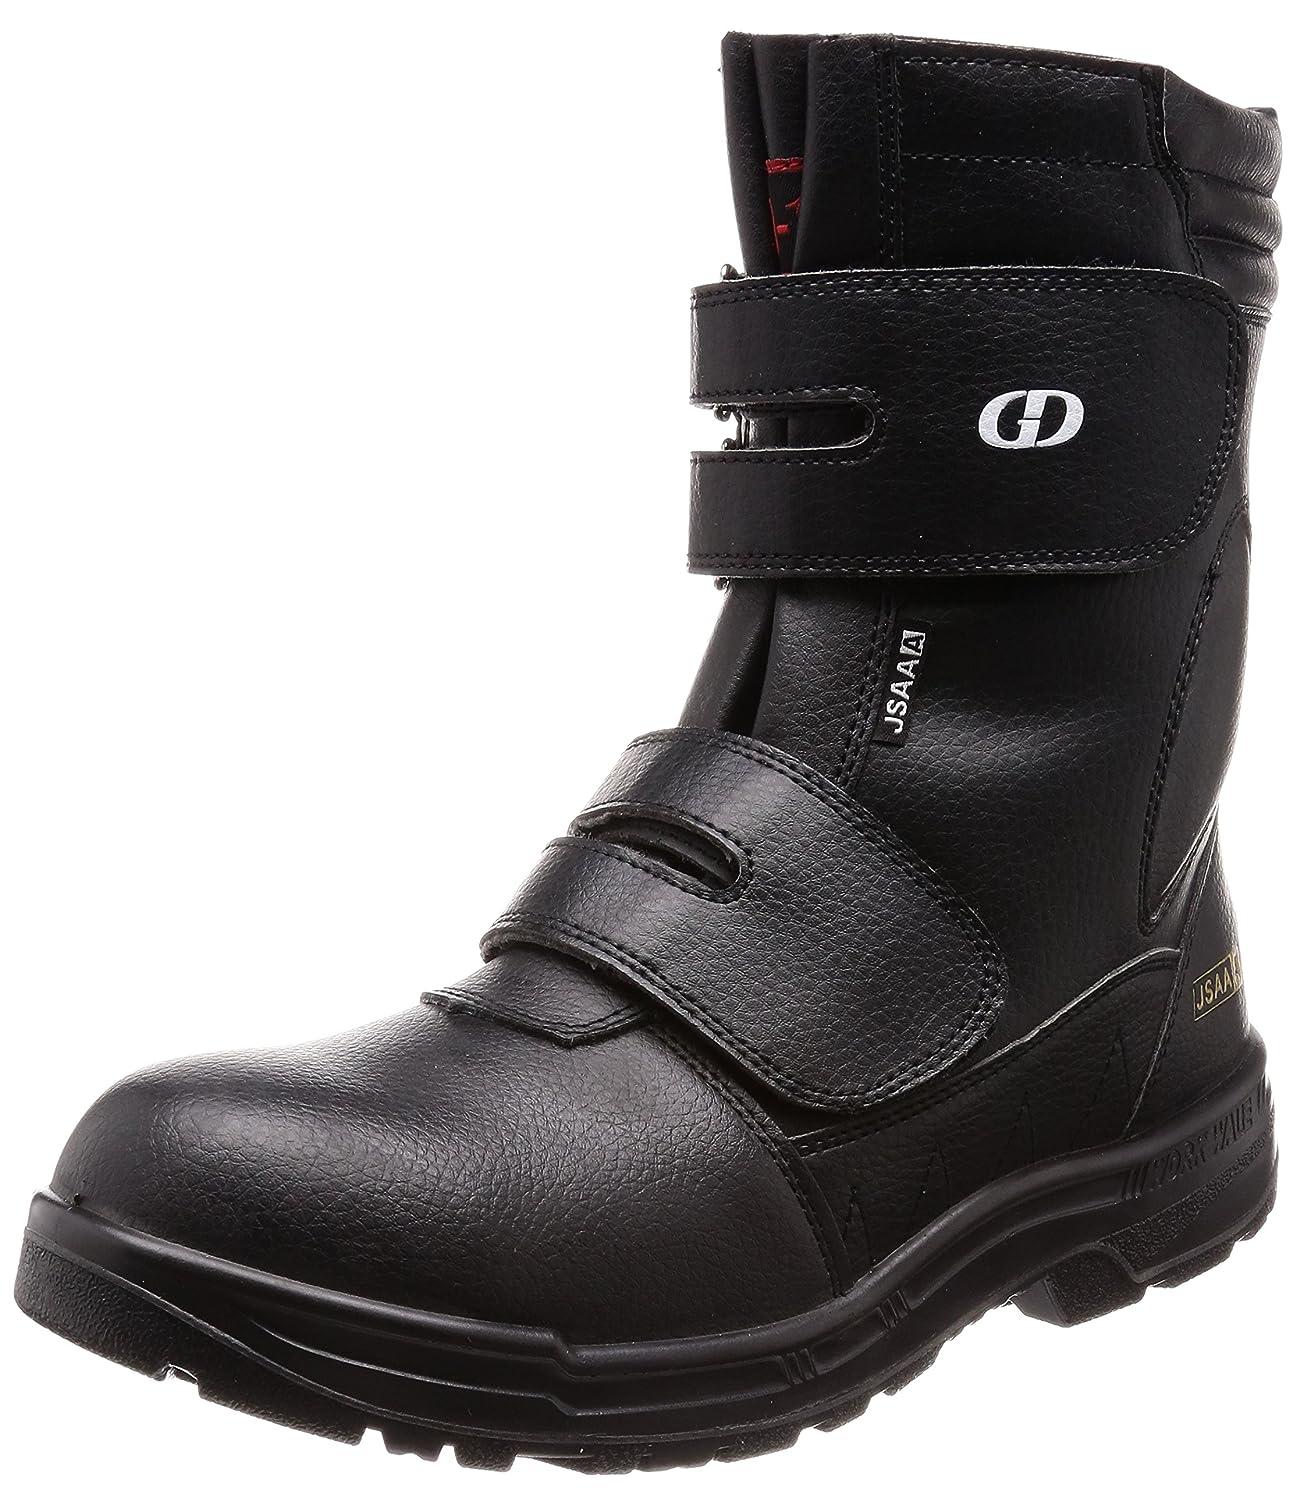 居住者誰落胆した[ジーデージャパン] JSAA A種認定 半長靴 先芯部本革 後方反射材 耐油底 くるぶしパッド付き 4E GD-10